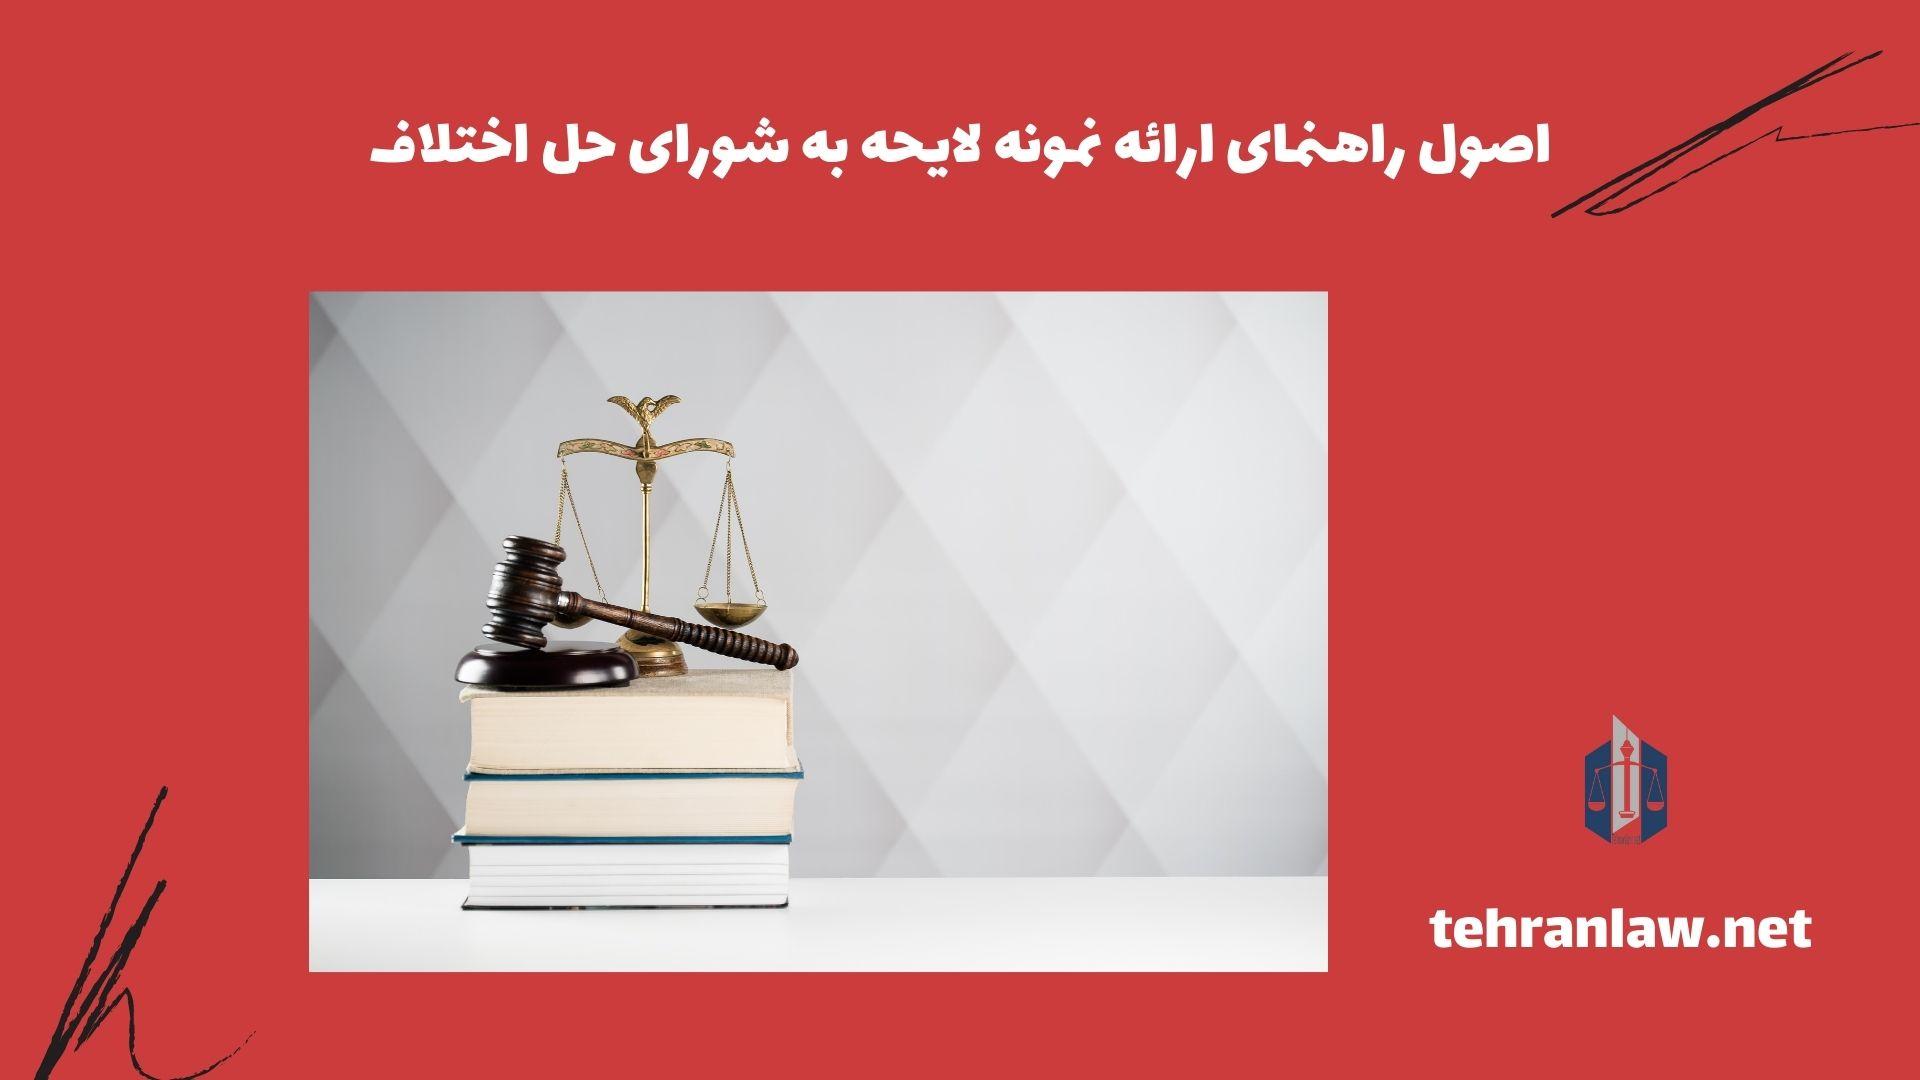 اصول راهنمای ارائه نمونه لایحه به شورای حل اختلاف